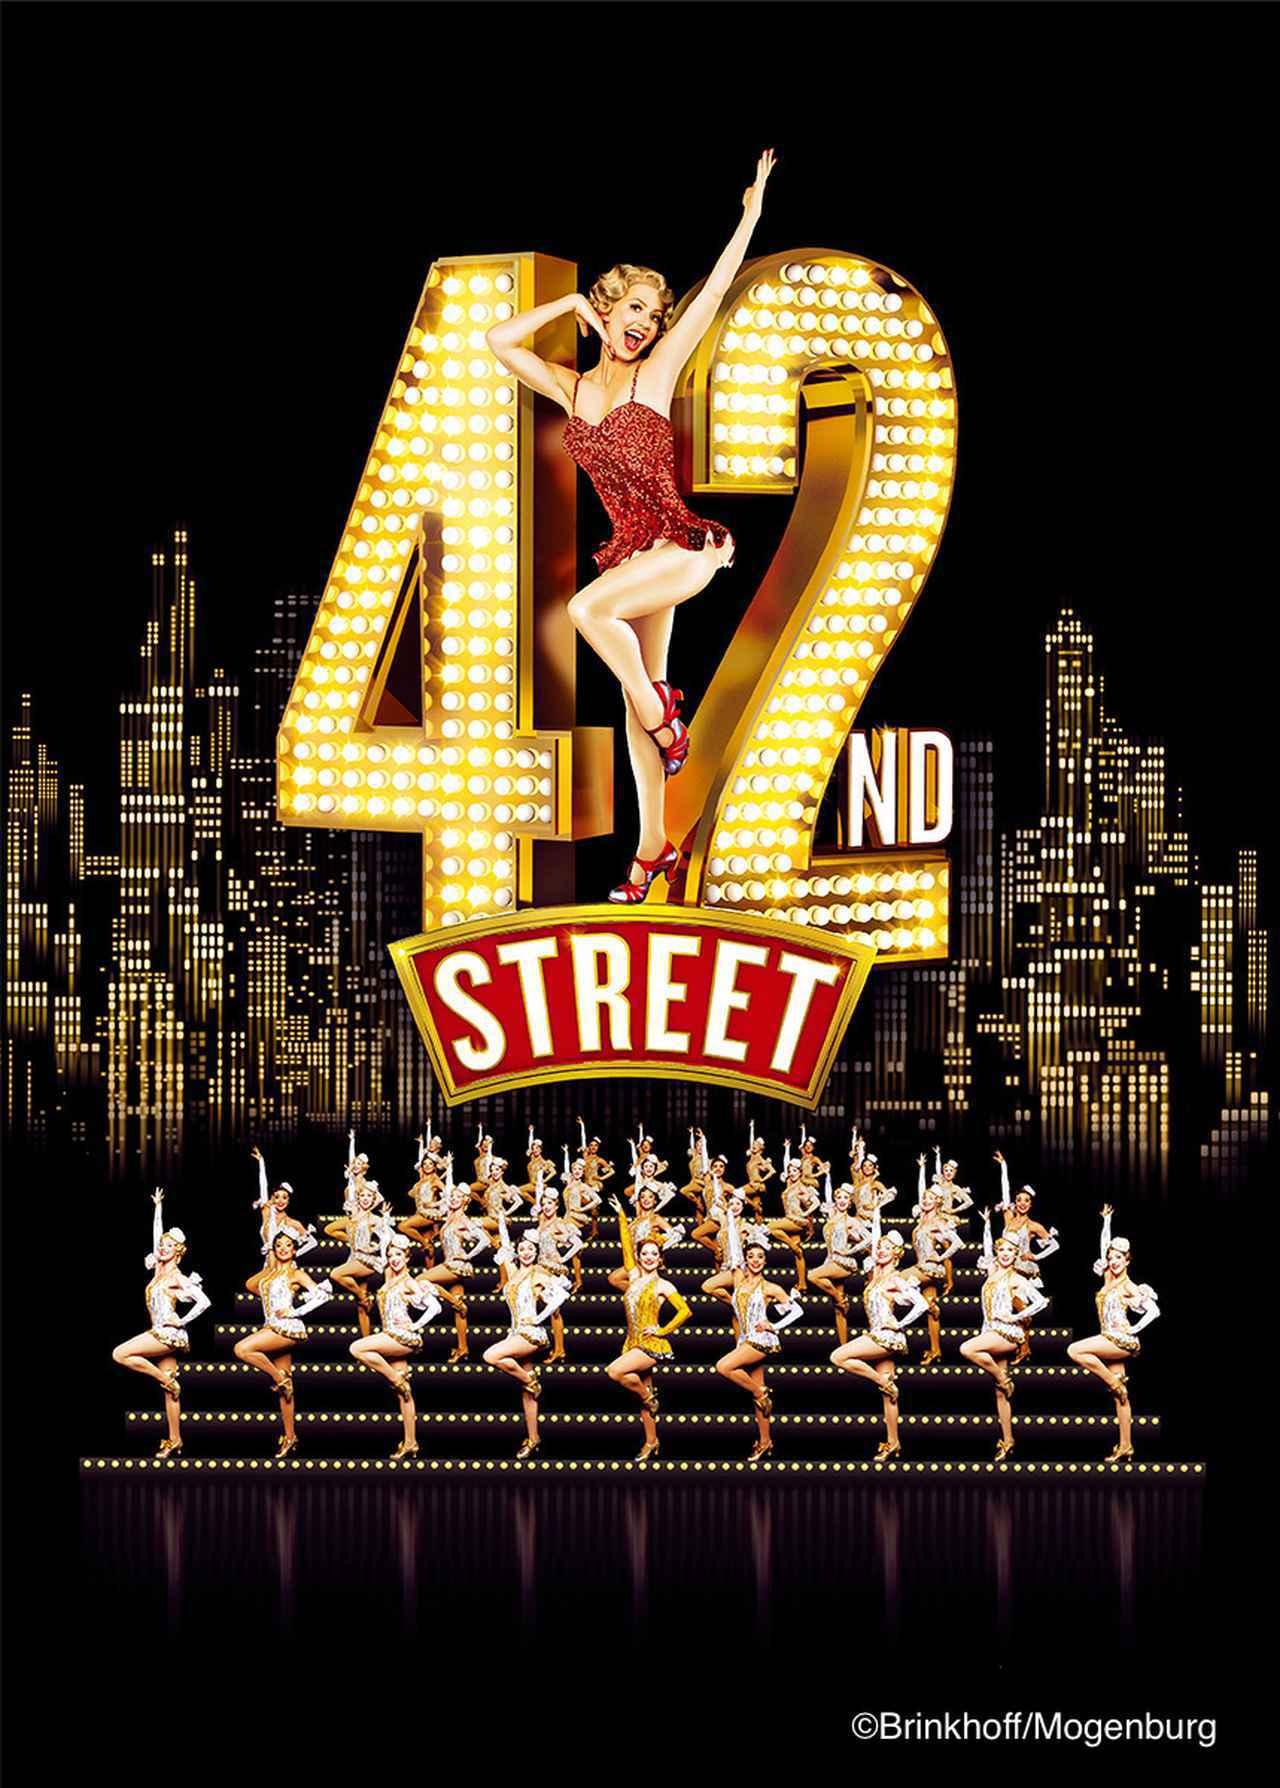 画像: 『キンキーブーツ』制作陣が贈る『42nd ストリート』他松竹ブロードウェイシネマ アンコール上映について【続編】 - 松竹ブロードウェイシネマ